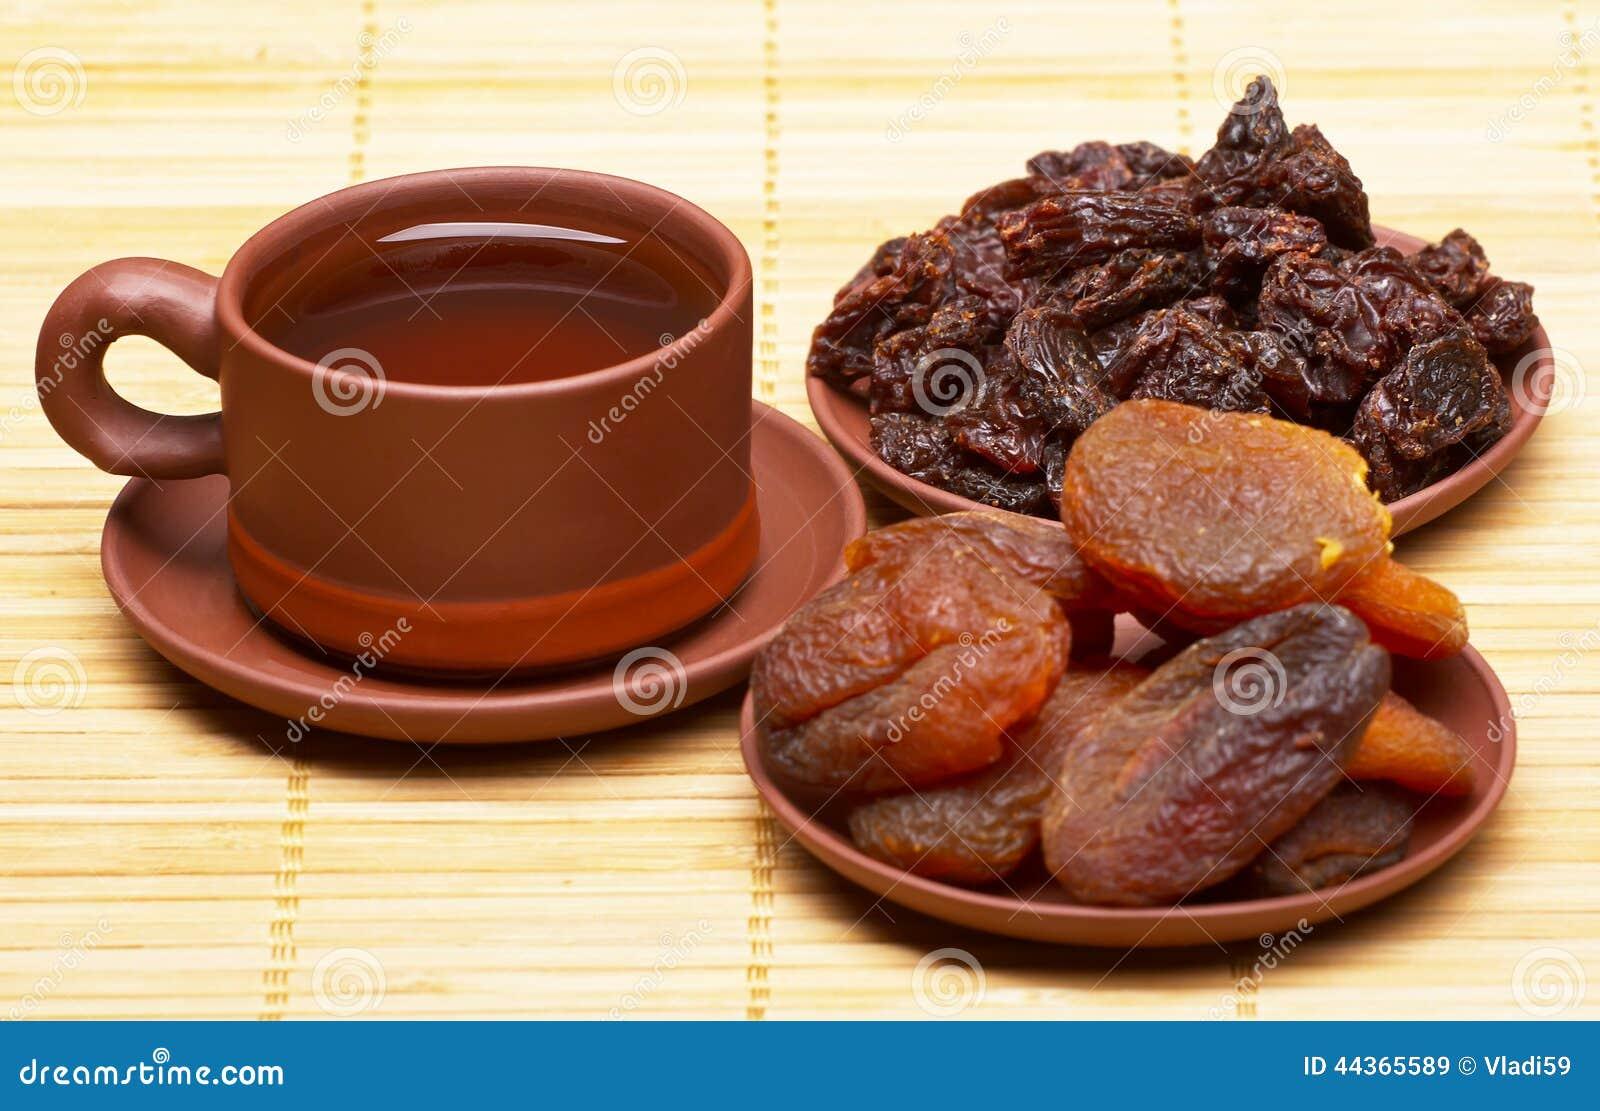 Tè cinese e frutti secchi